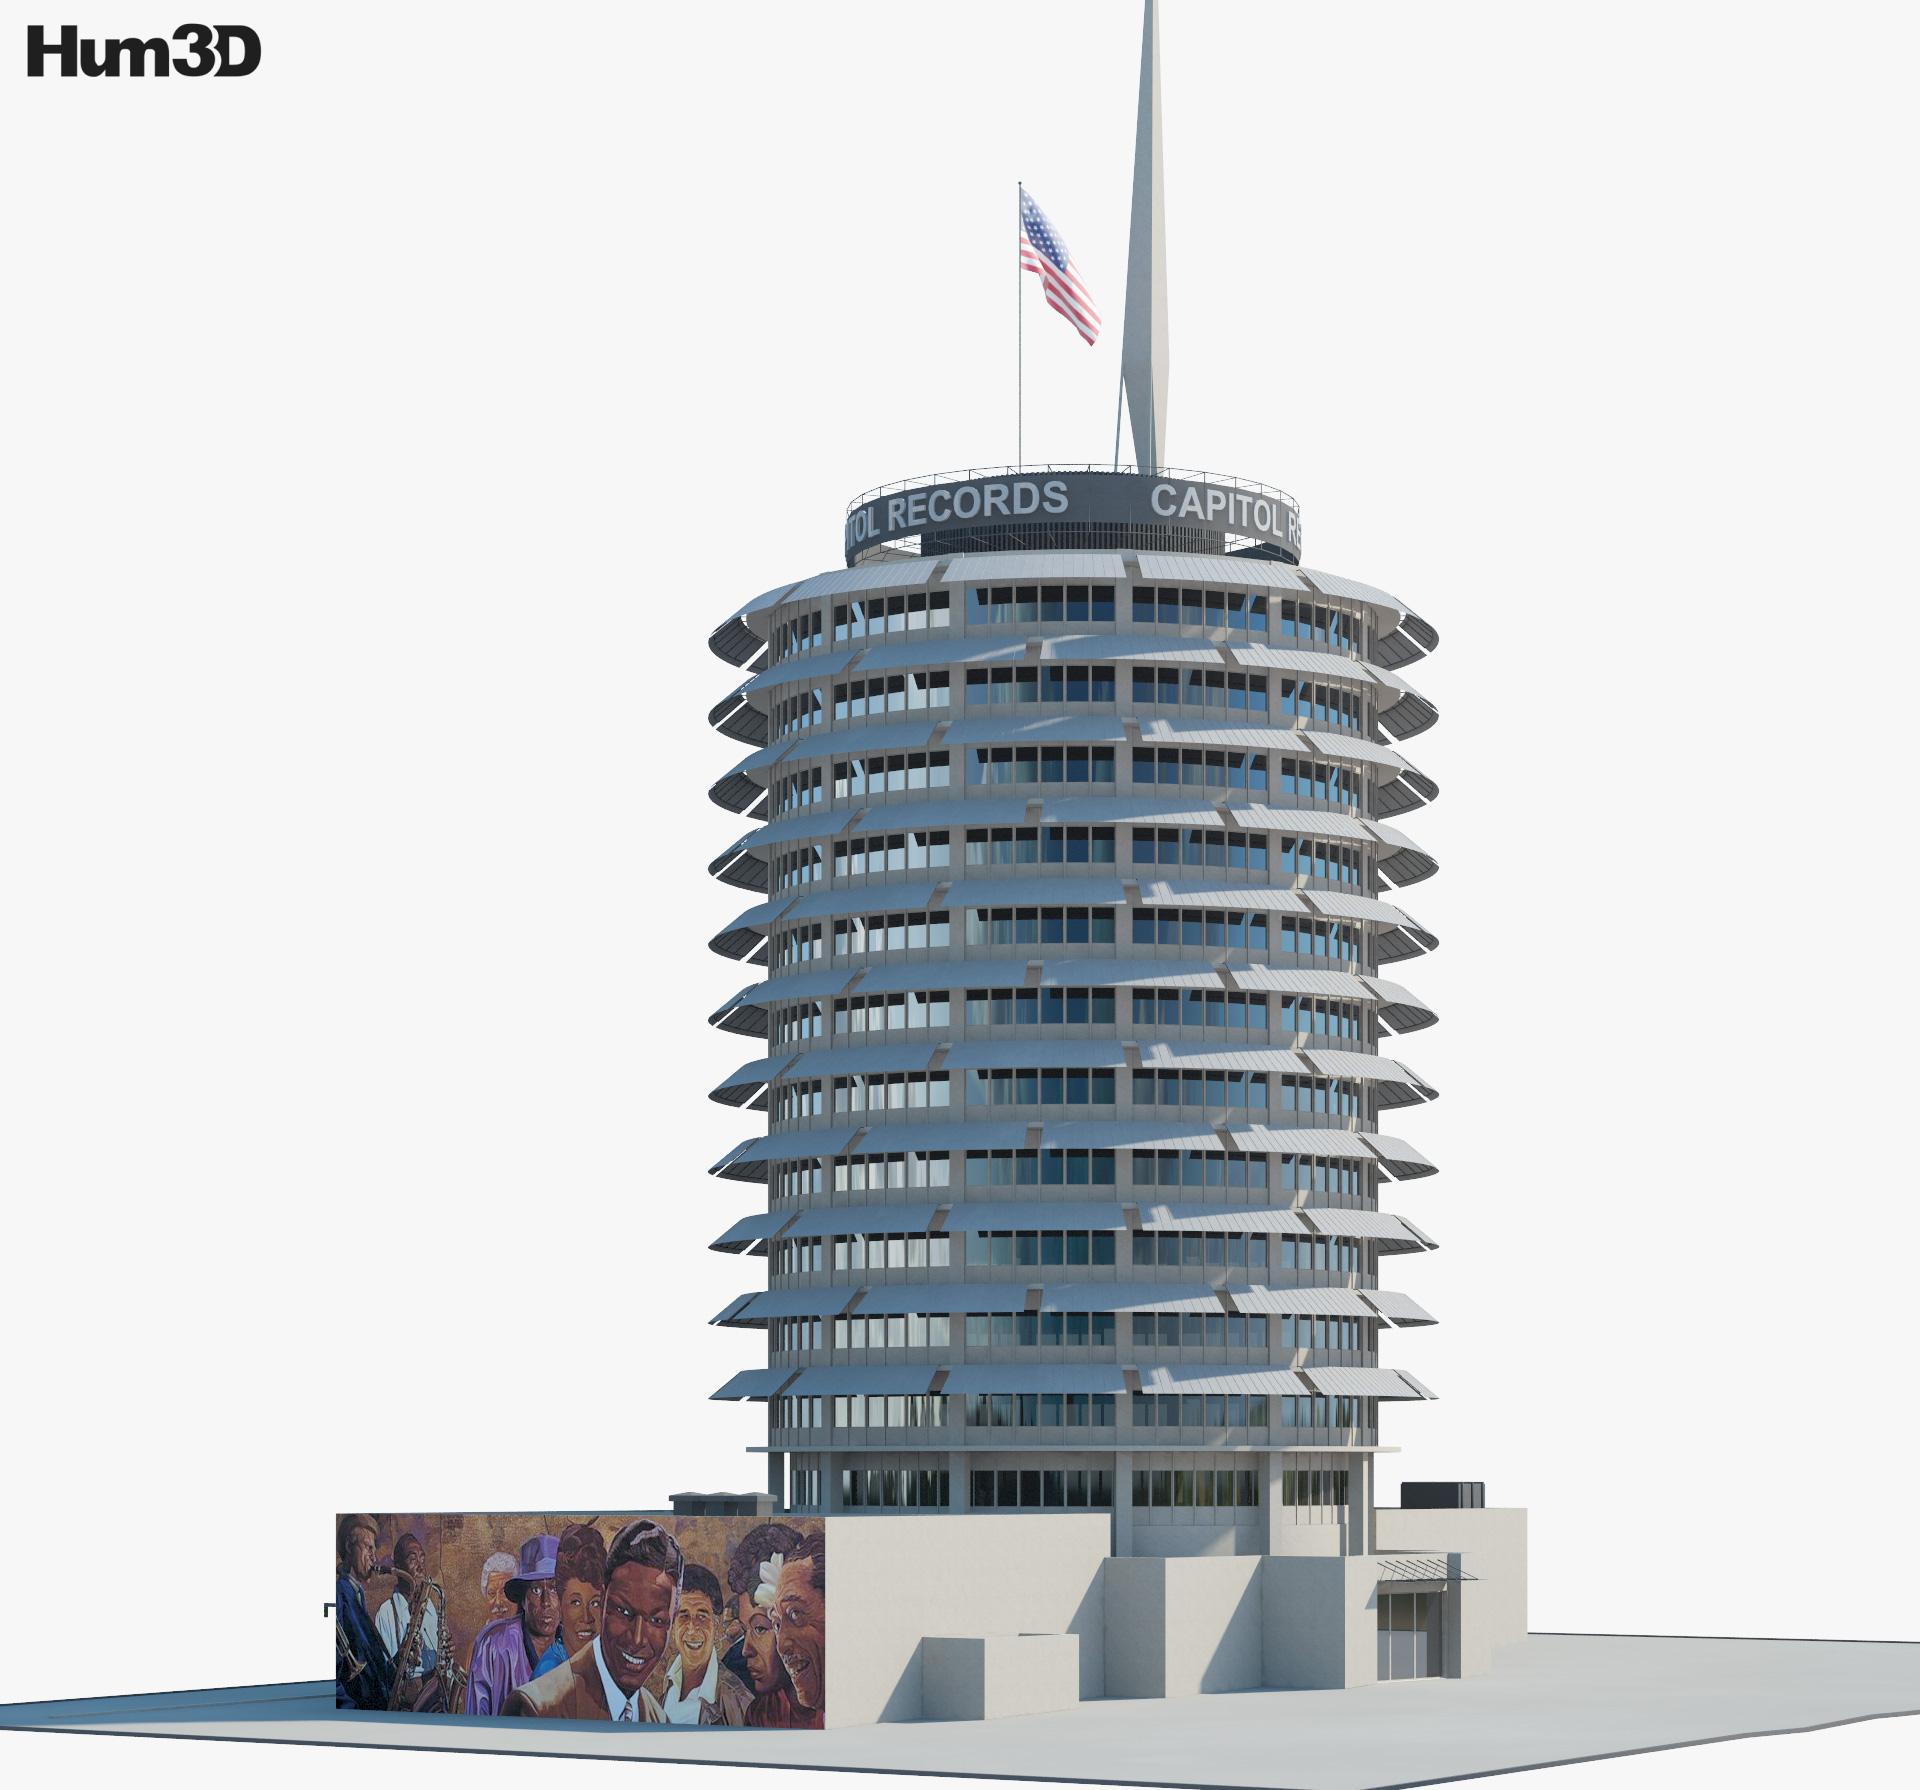 3D model of Capitol Records Building